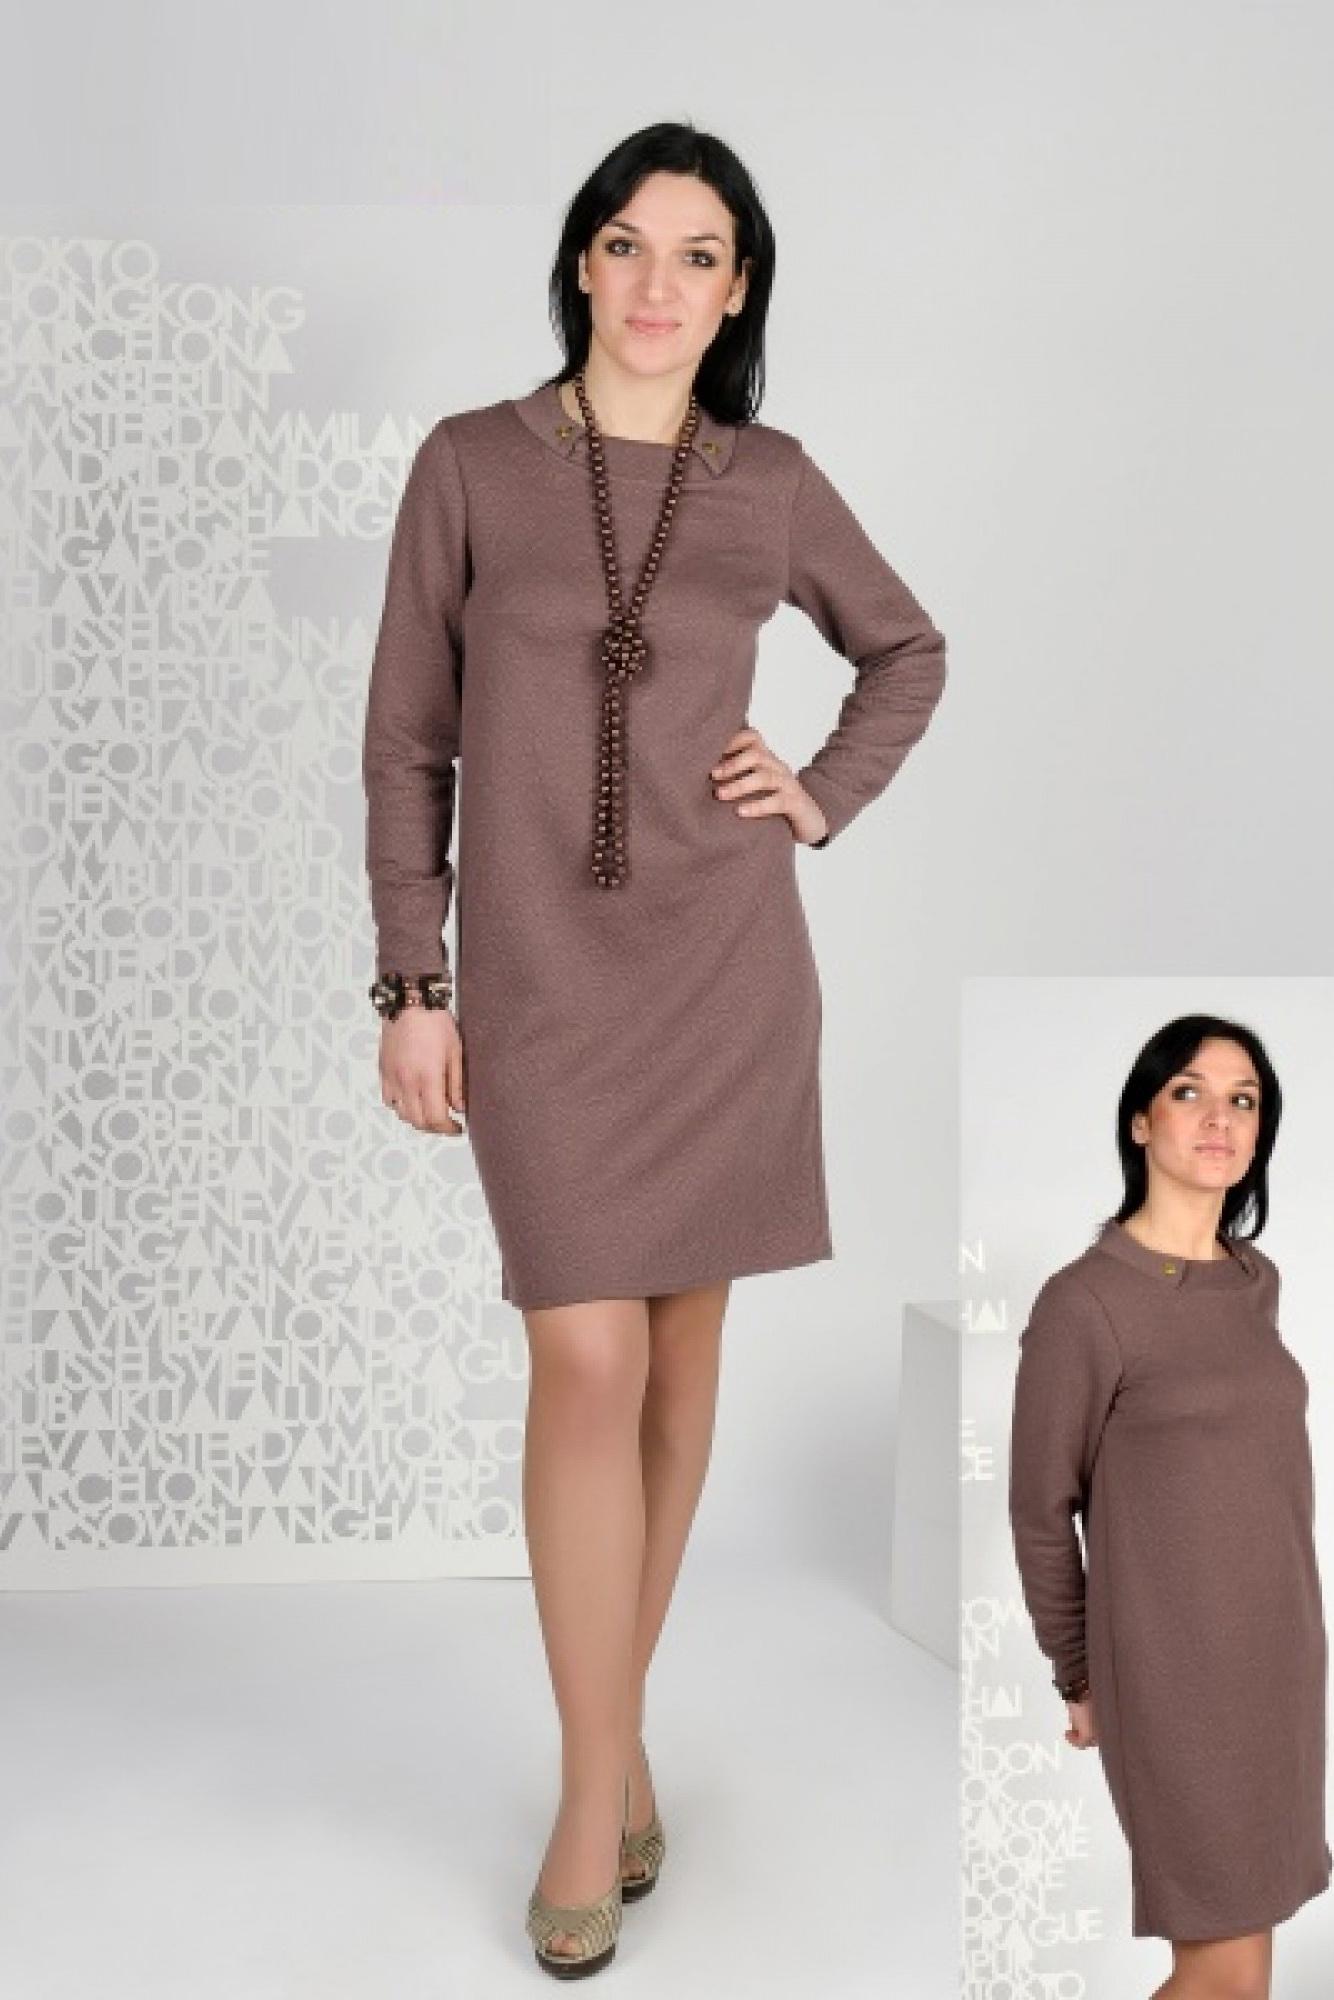 ПлатьеПлатья<br>Комфортное платье из плотного фактурного трикотажа. Свободный силуэт и интересный воротник, отделанный пуговицами, сделают это платье любимым повседневным нарядом.  Бусы в комплект не входят.  Цвет: кофе.  Длина изделия до 48 размера около 96 см Длина изделия от 50 рразмера около 101 см<br><br>Воротник: Отложной<br>Горловина: С- горловина<br>По длине: До колена<br>По материалу: Жаккард<br>По образу: Город,Офис,Свидание<br>По рисунку: Однотонные,Фактурный рисунок<br>По сезону: Зима,Осень,Весна<br>По силуэту: Полуприталенные<br>По стилю: Классический стиль,Кэжуал,Офисный стиль,Повседневный стиль<br>По форме: Платье - футляр<br>По элементам: С воротником,С декором<br>Рукав: Длинный рукав<br>Размер : 48,50,52,54,56<br>Материал: Жаккард<br>Количество в наличии: 8